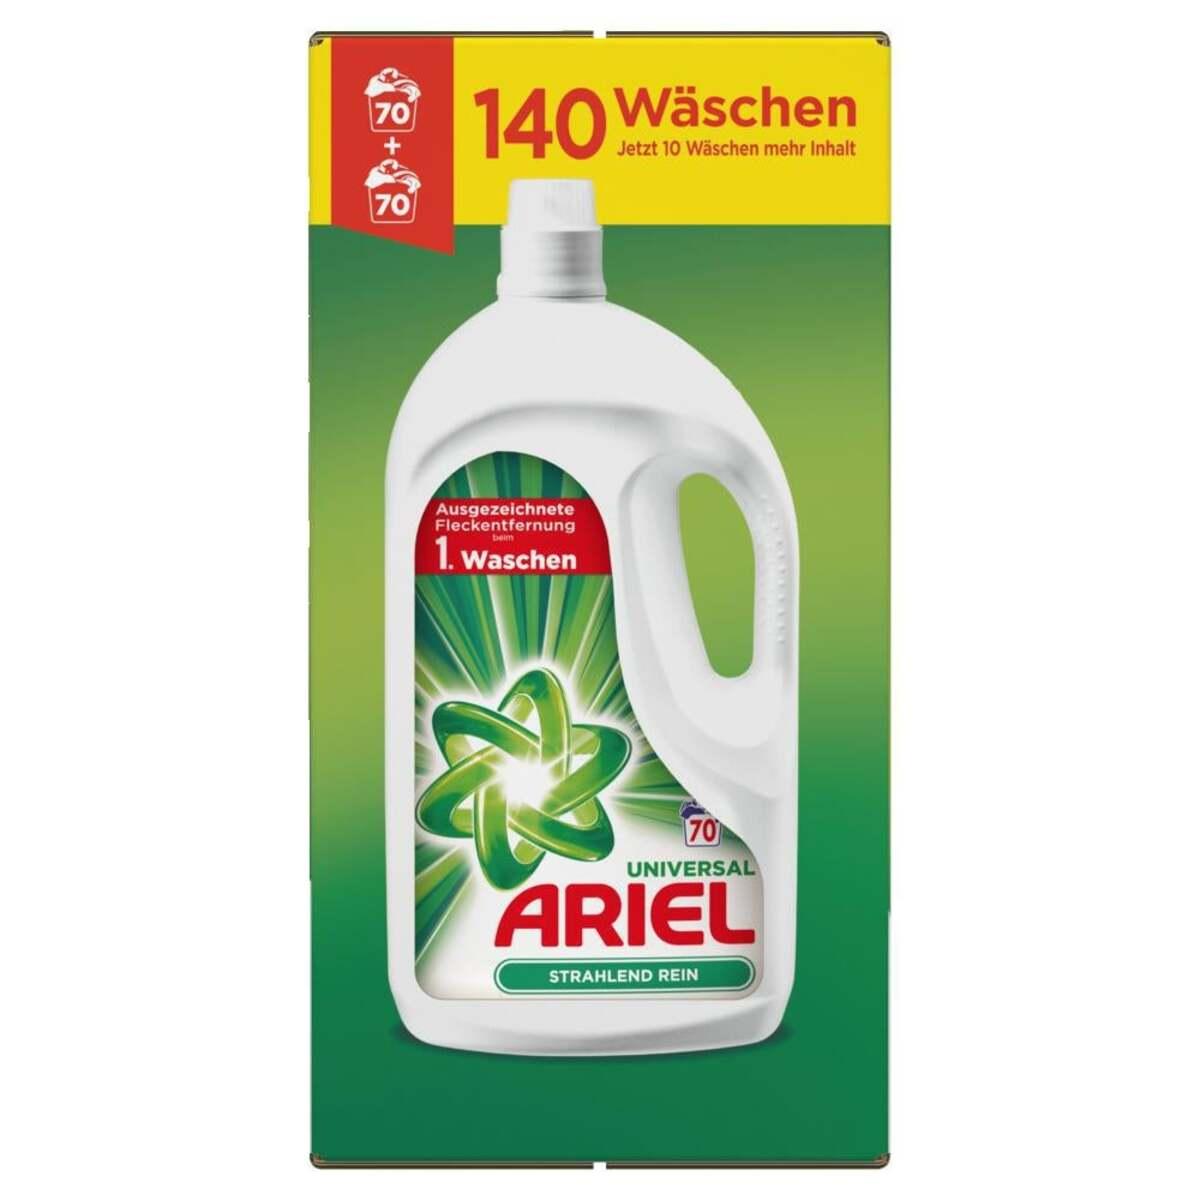 Bild 2 von Ariel Flüssigwaschmittel Universal, 140 WL